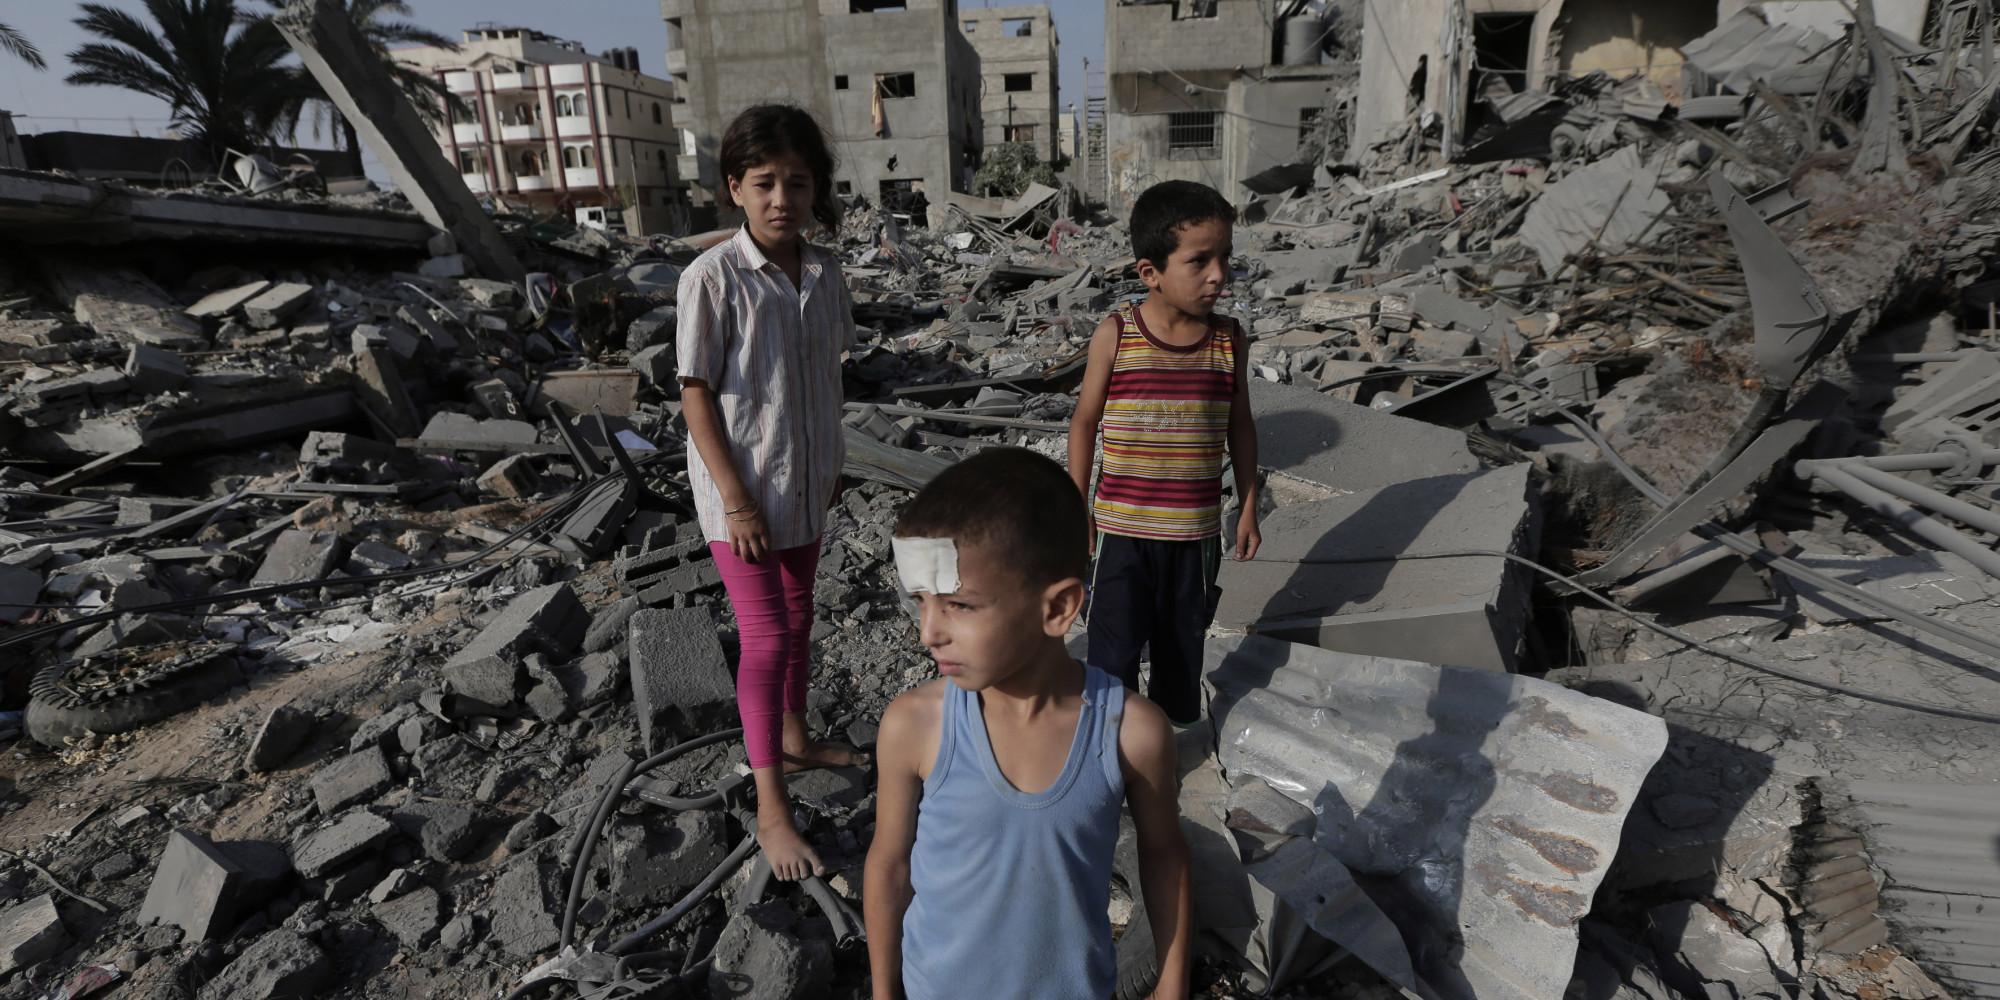 Gaza, ritiro di truppe israeliane dalla Striscia ma non si fermano i raid aerei. Uccisi altri 17 palestinesi. Colpita scuola delle Nazioni Unite